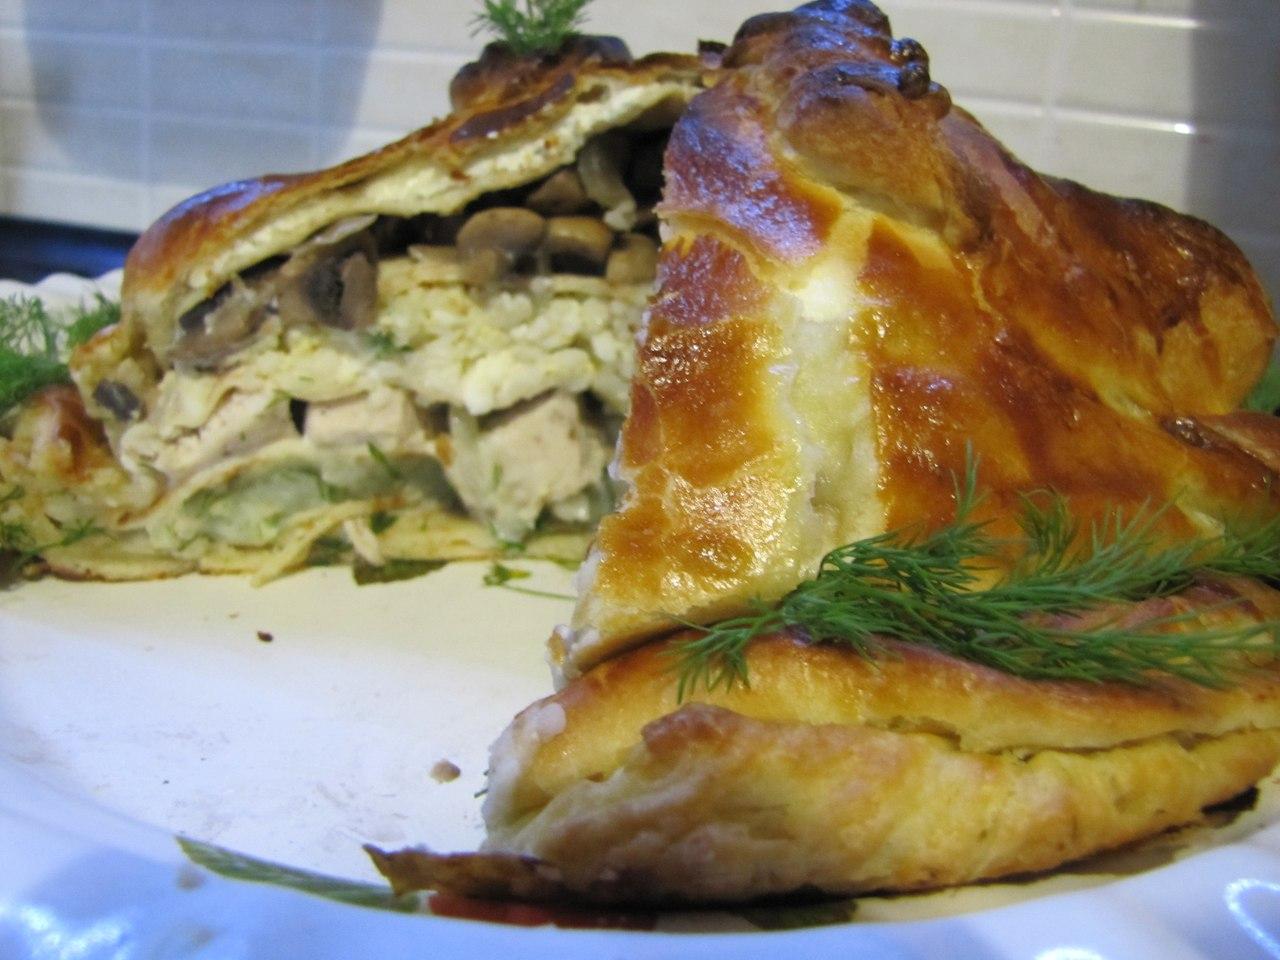 разрезанный курник с грибами, мясом и зеленью